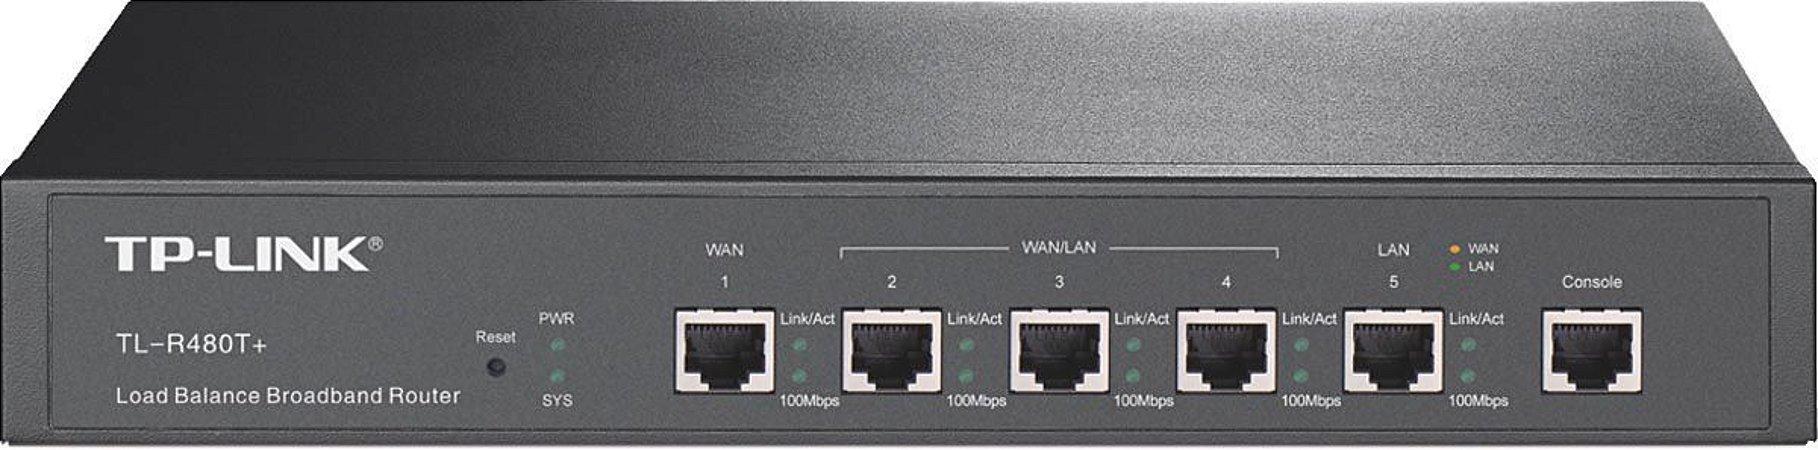 Roteador Tp_link Broadband Com Equilibrio De Carregamento TL-R480T+